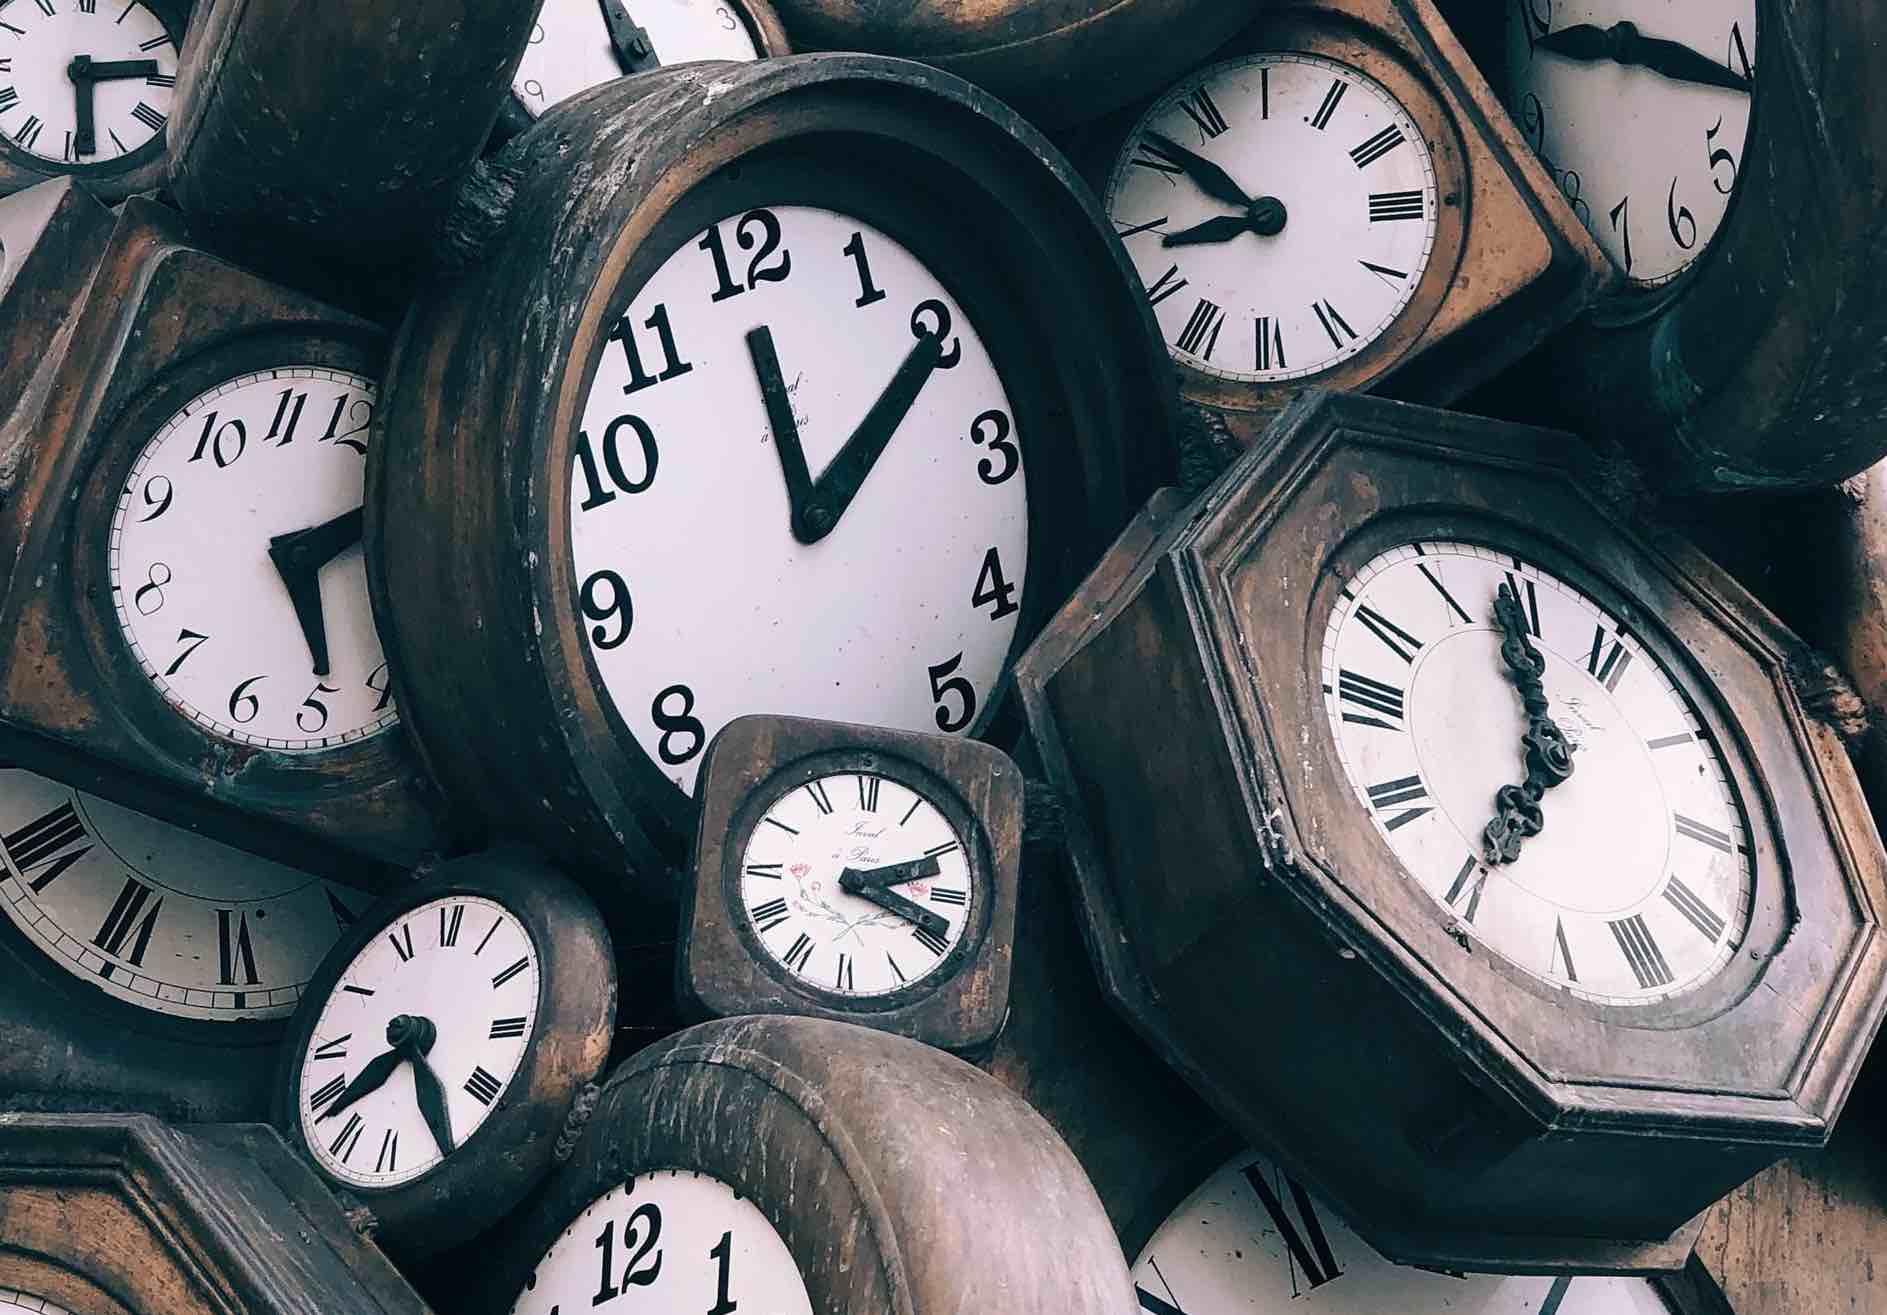 IO Global desarrolla uso de Blockchain para sincronizar relojes globalmente, sin fallas